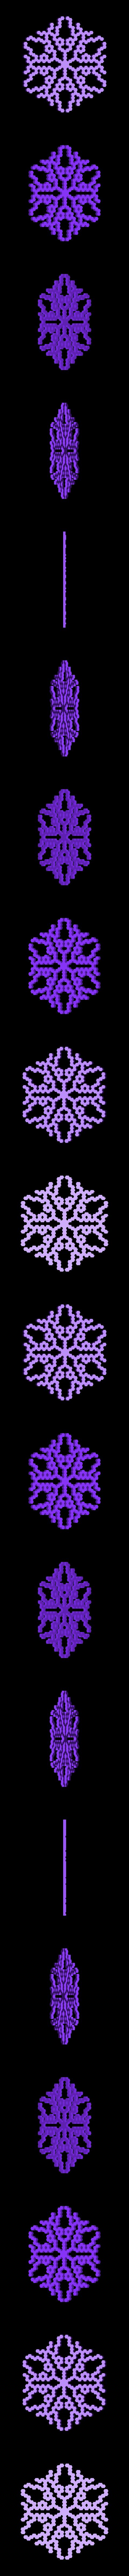 other-hex4.stl Télécharger fichier STL gratuit Automate cellulaire BlocsGénérateur de flocons de neige CAO • Design imprimable en 3D, arpruss